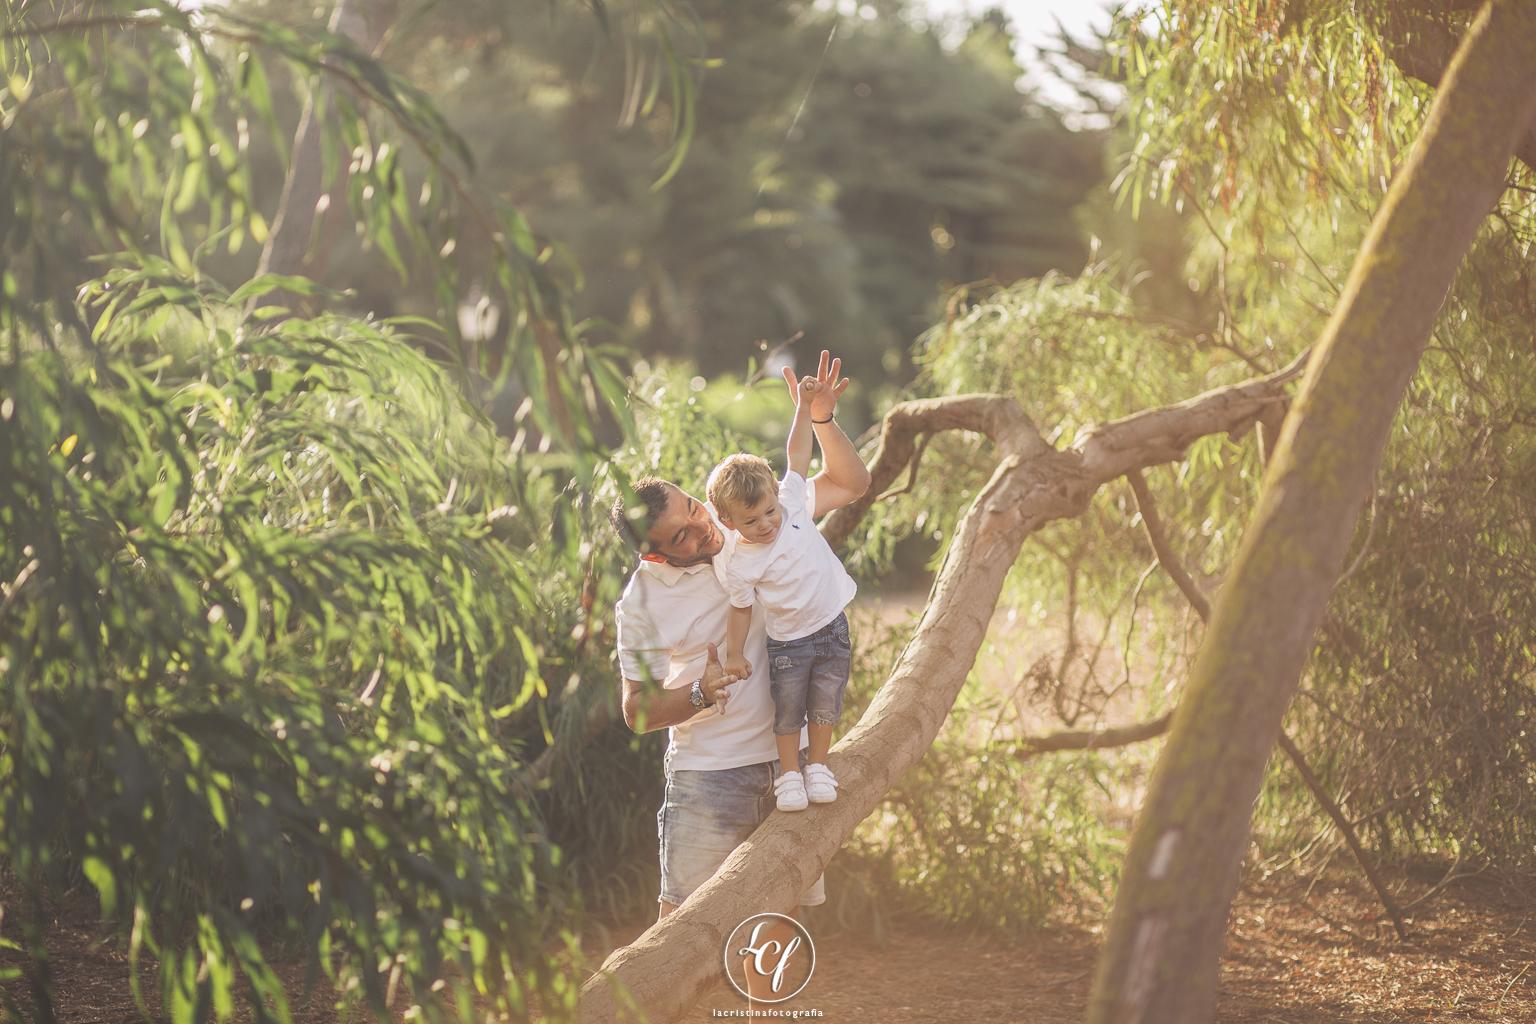 Fotografia Familiar Sitges :: Fotógrafo de familias :: Fotografía familiar :: Fotos de Familias :: Fotografía Sitges :: Fotos de familia en la playa